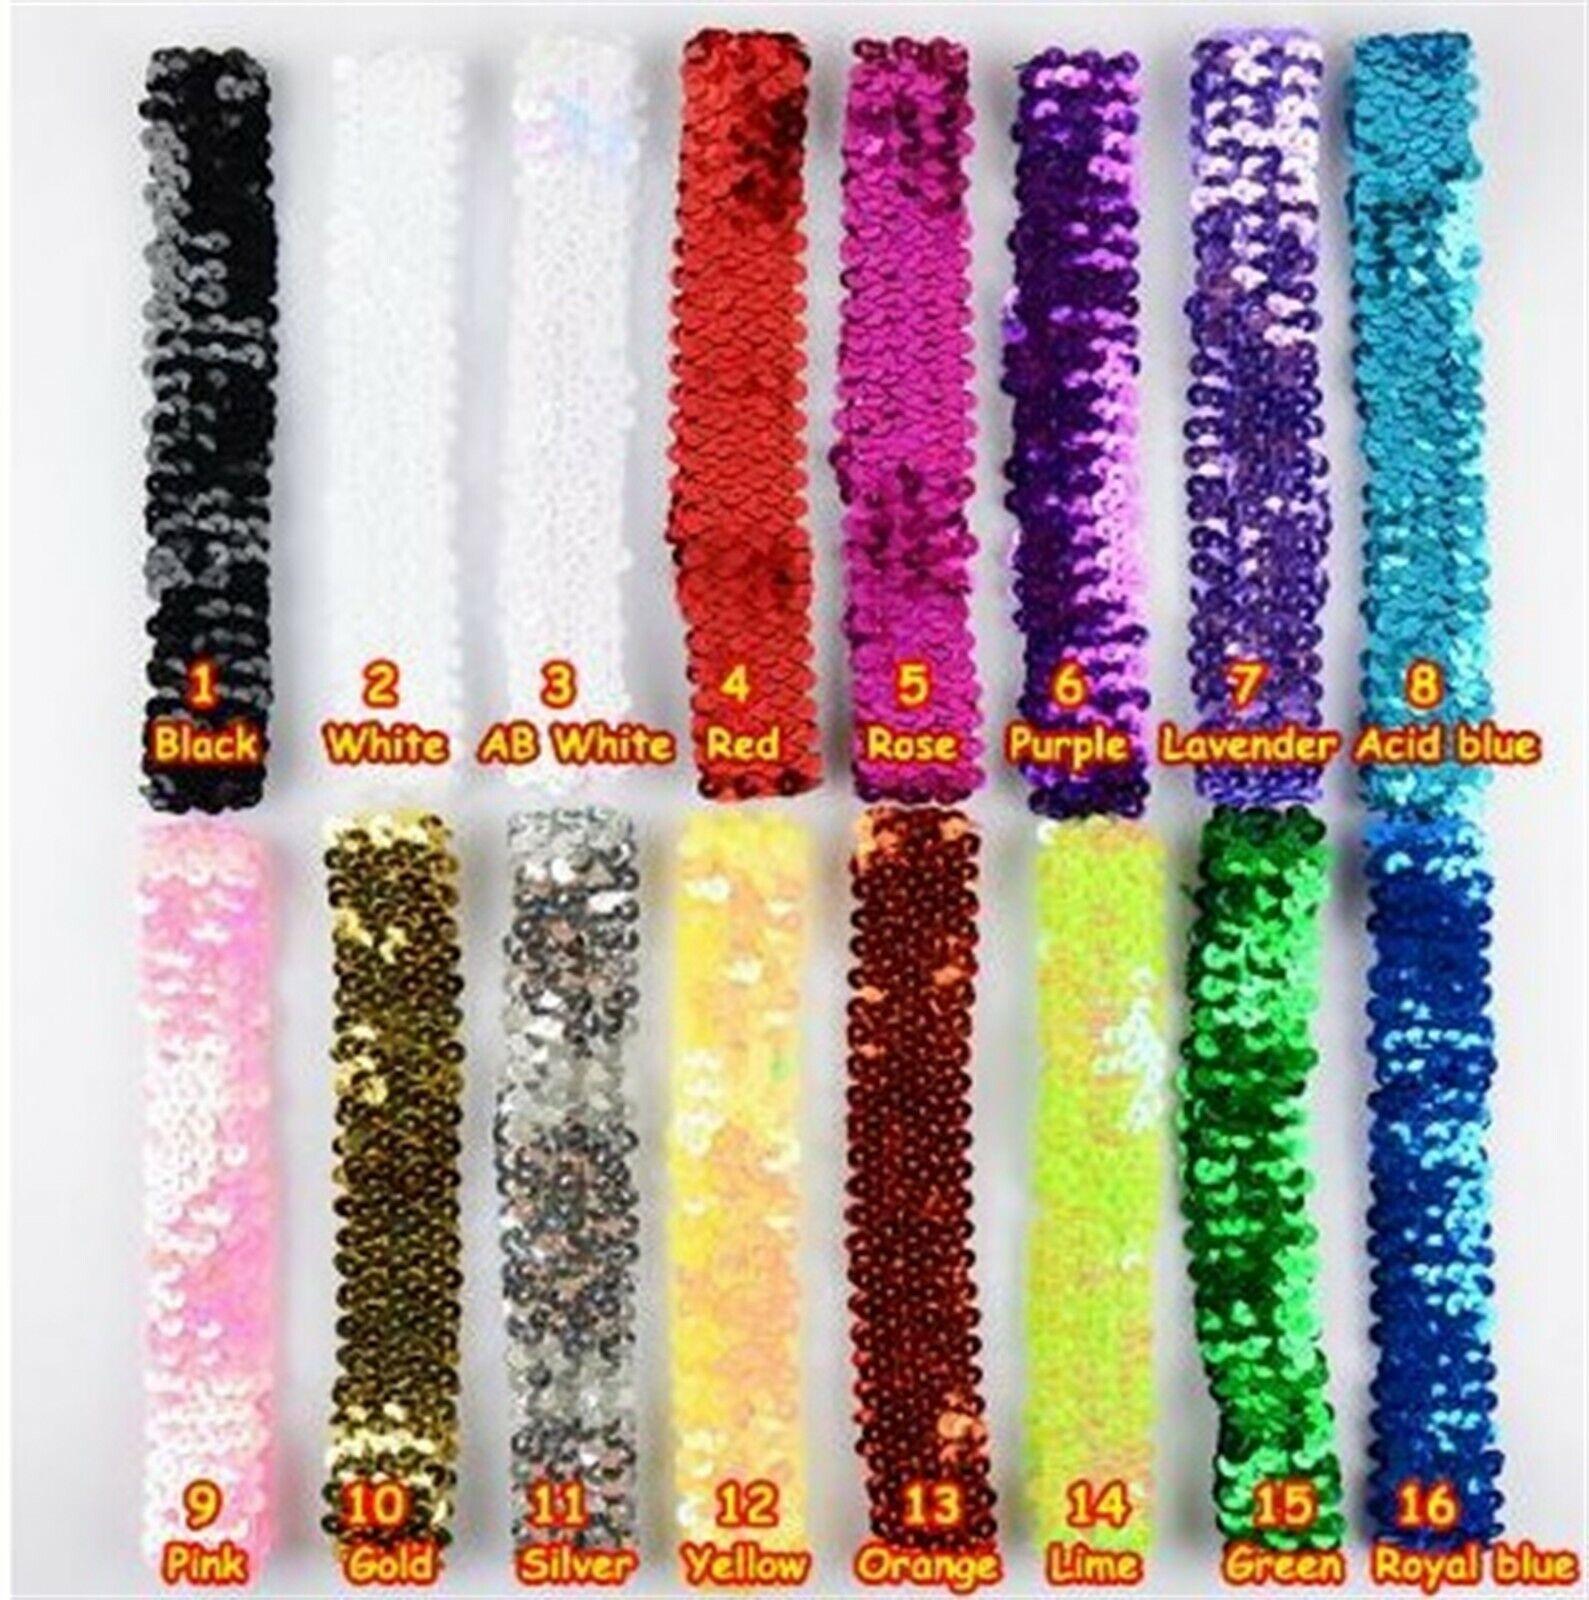 Haarband Stirnband Flapper Pailletten Haarschmuck 20er Jahre Party -16 Farben